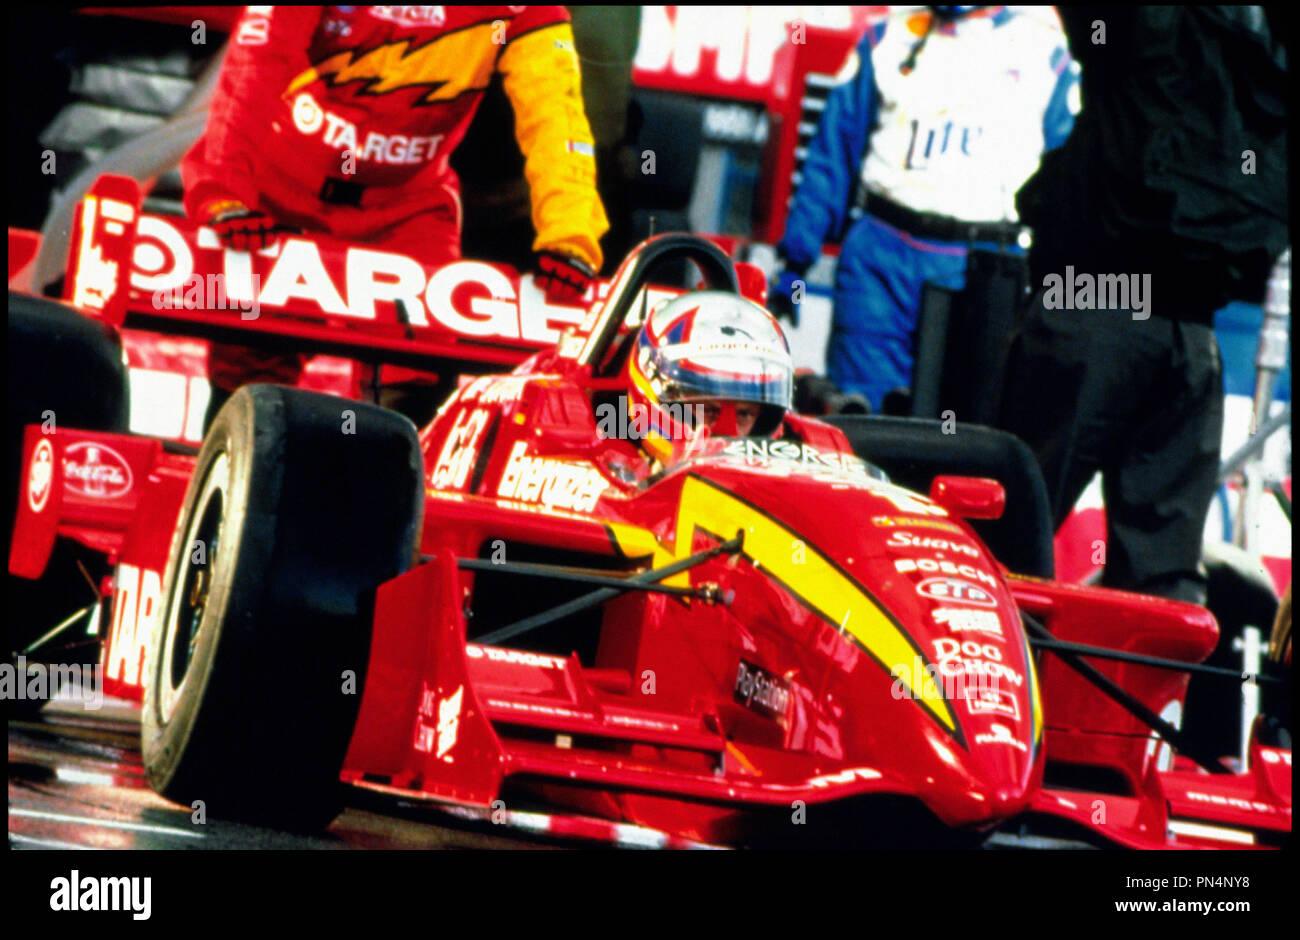 Prod DB © Franchise Pictures / DR DRIVEN (DRIVEN) de Renny Harlin 2001 USA course automobile, formule 1, voiture de course - Stock Image